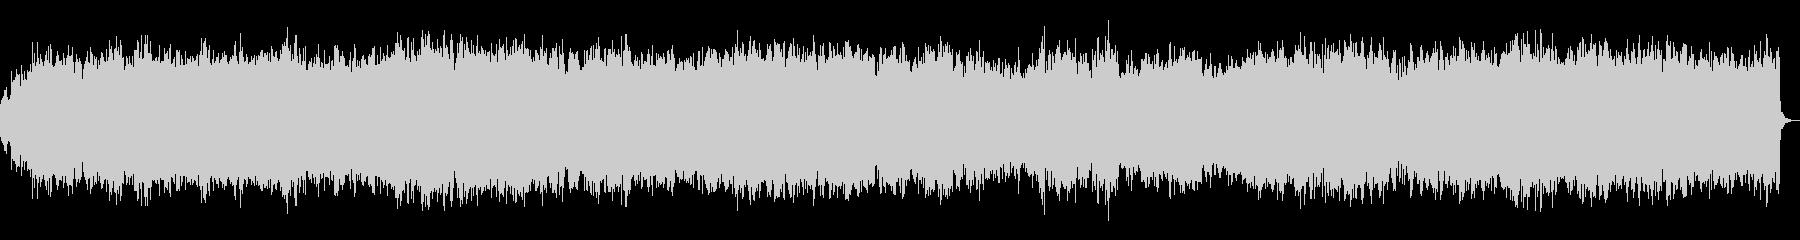 パイプオルガンによる祝いの独奏曲の未再生の波形